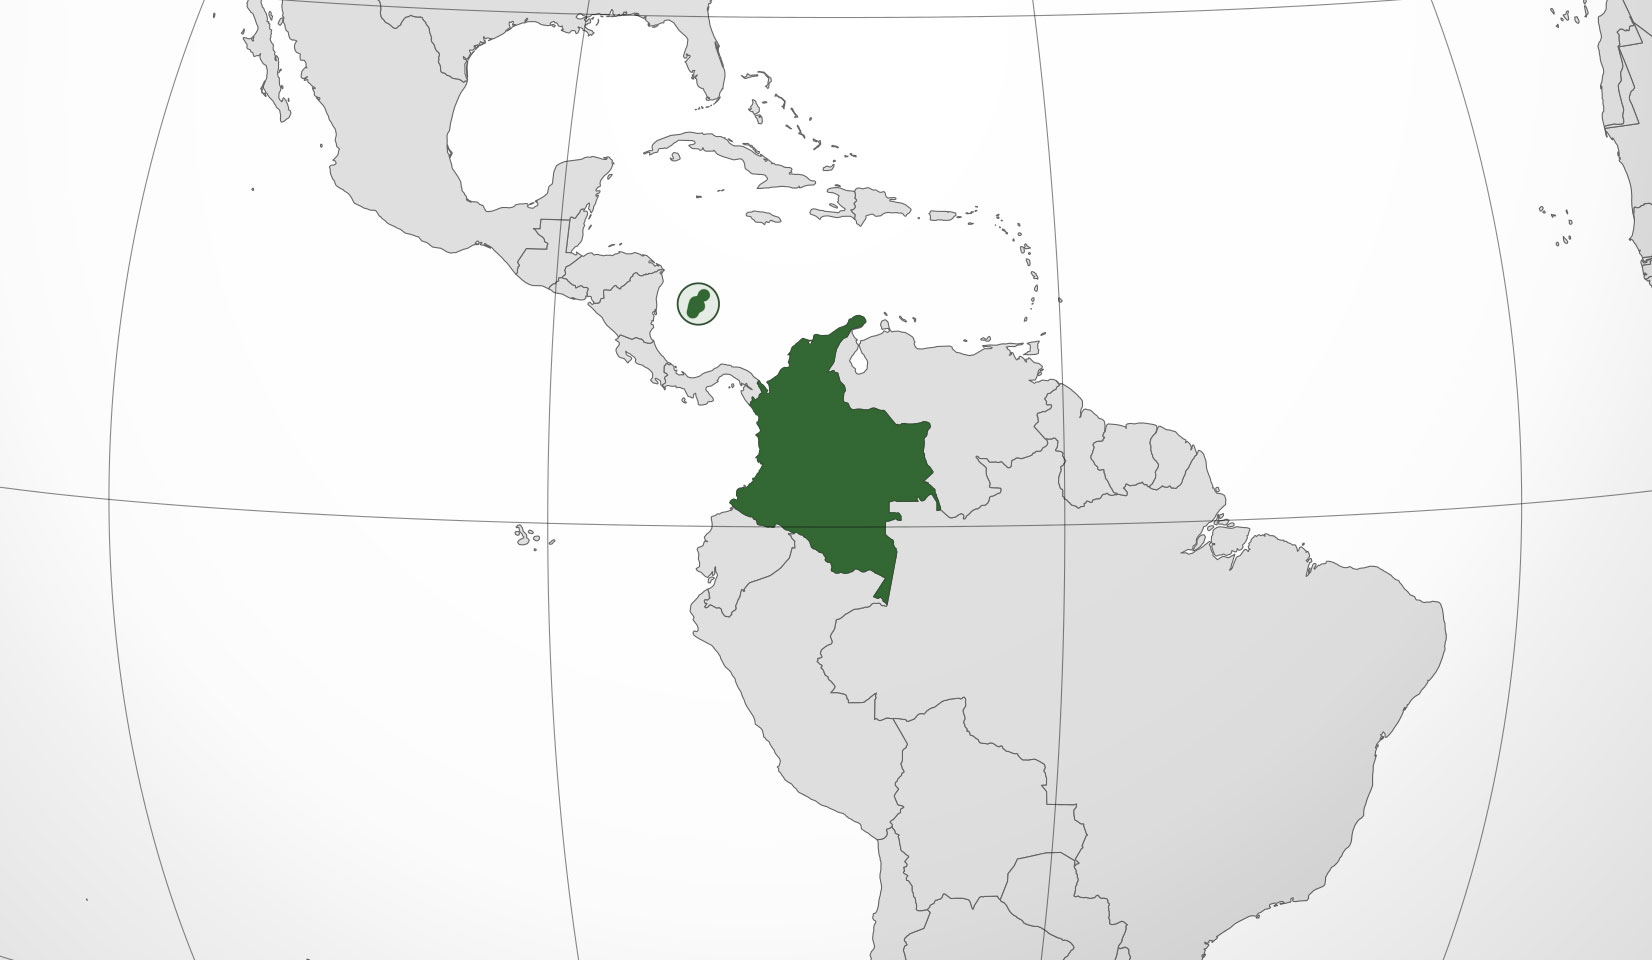 Mapa de Colombia, donde está, queda, país, encuentra, localización ...